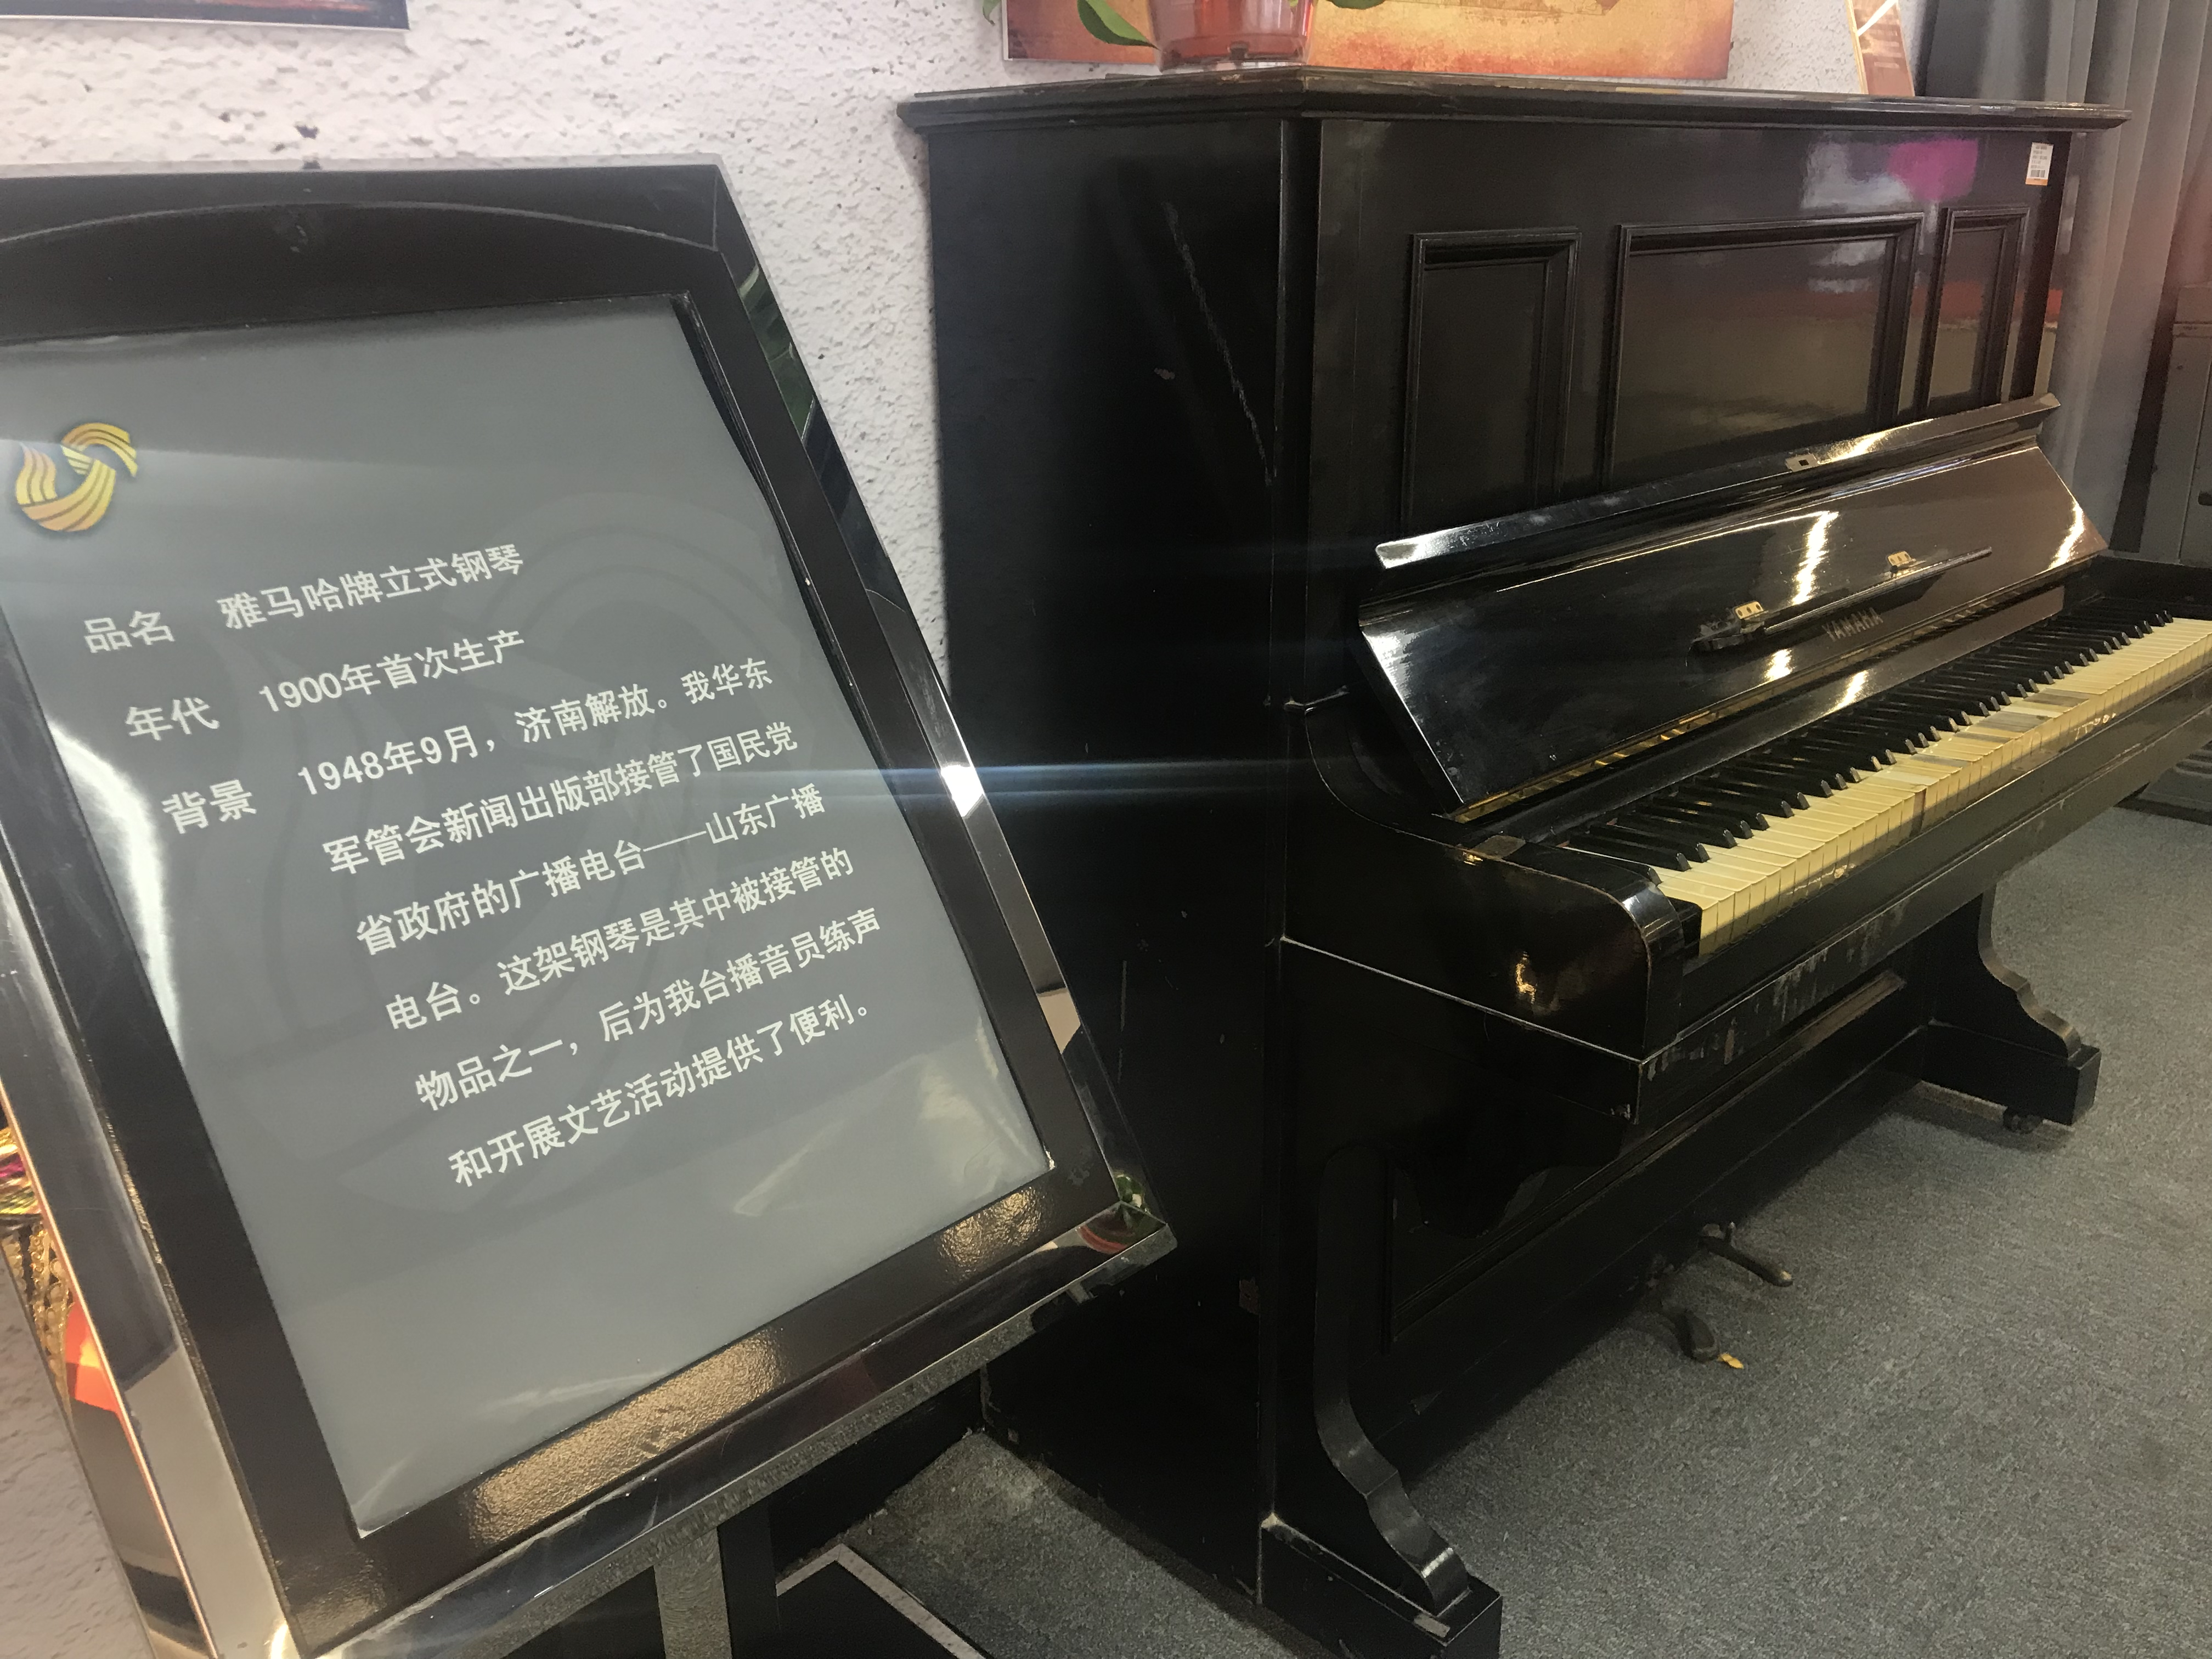 百年钢琴、放映机……154秒带你逛山东广电展览馆